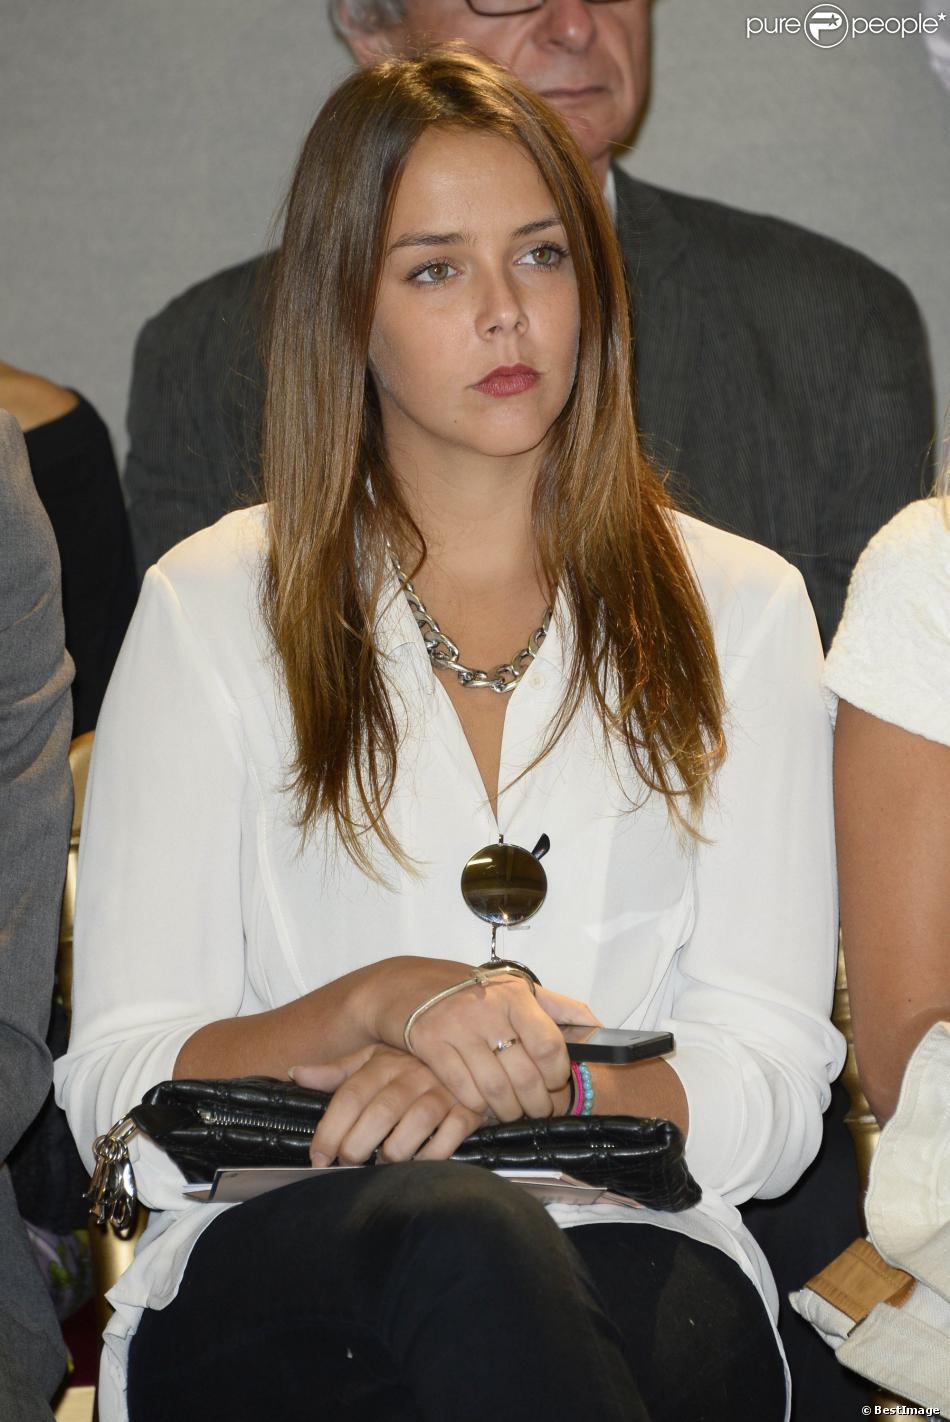 La jolie Pauline Ducruet assiste au défilé Alexis Mabille lors de la Fashion Week parisienne, le 25 septembre 2013